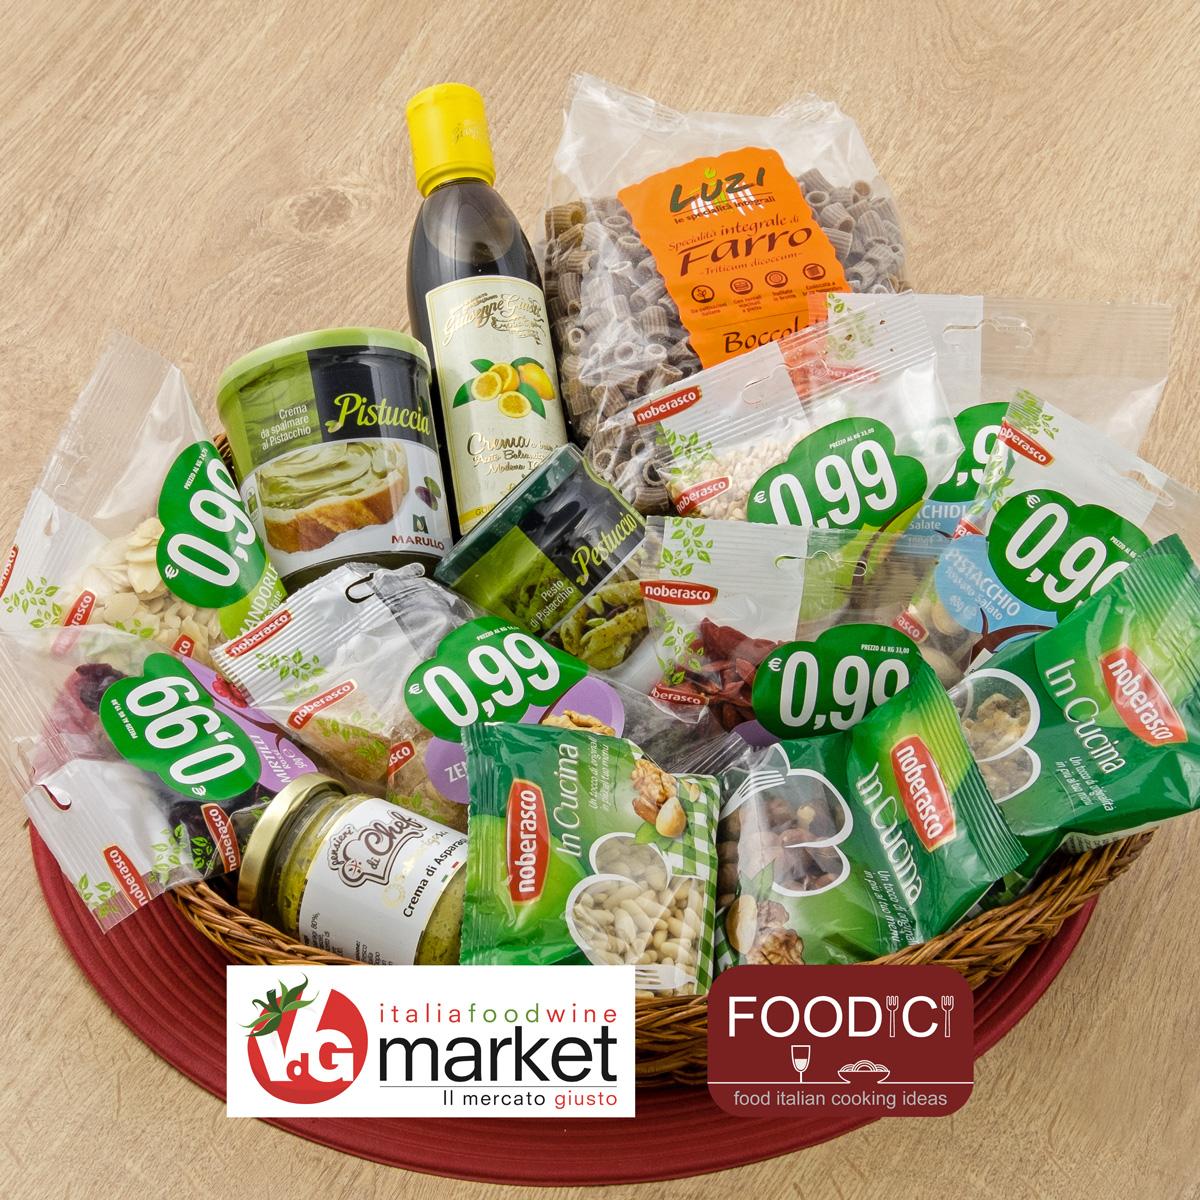 Collaborazione con VdG Market